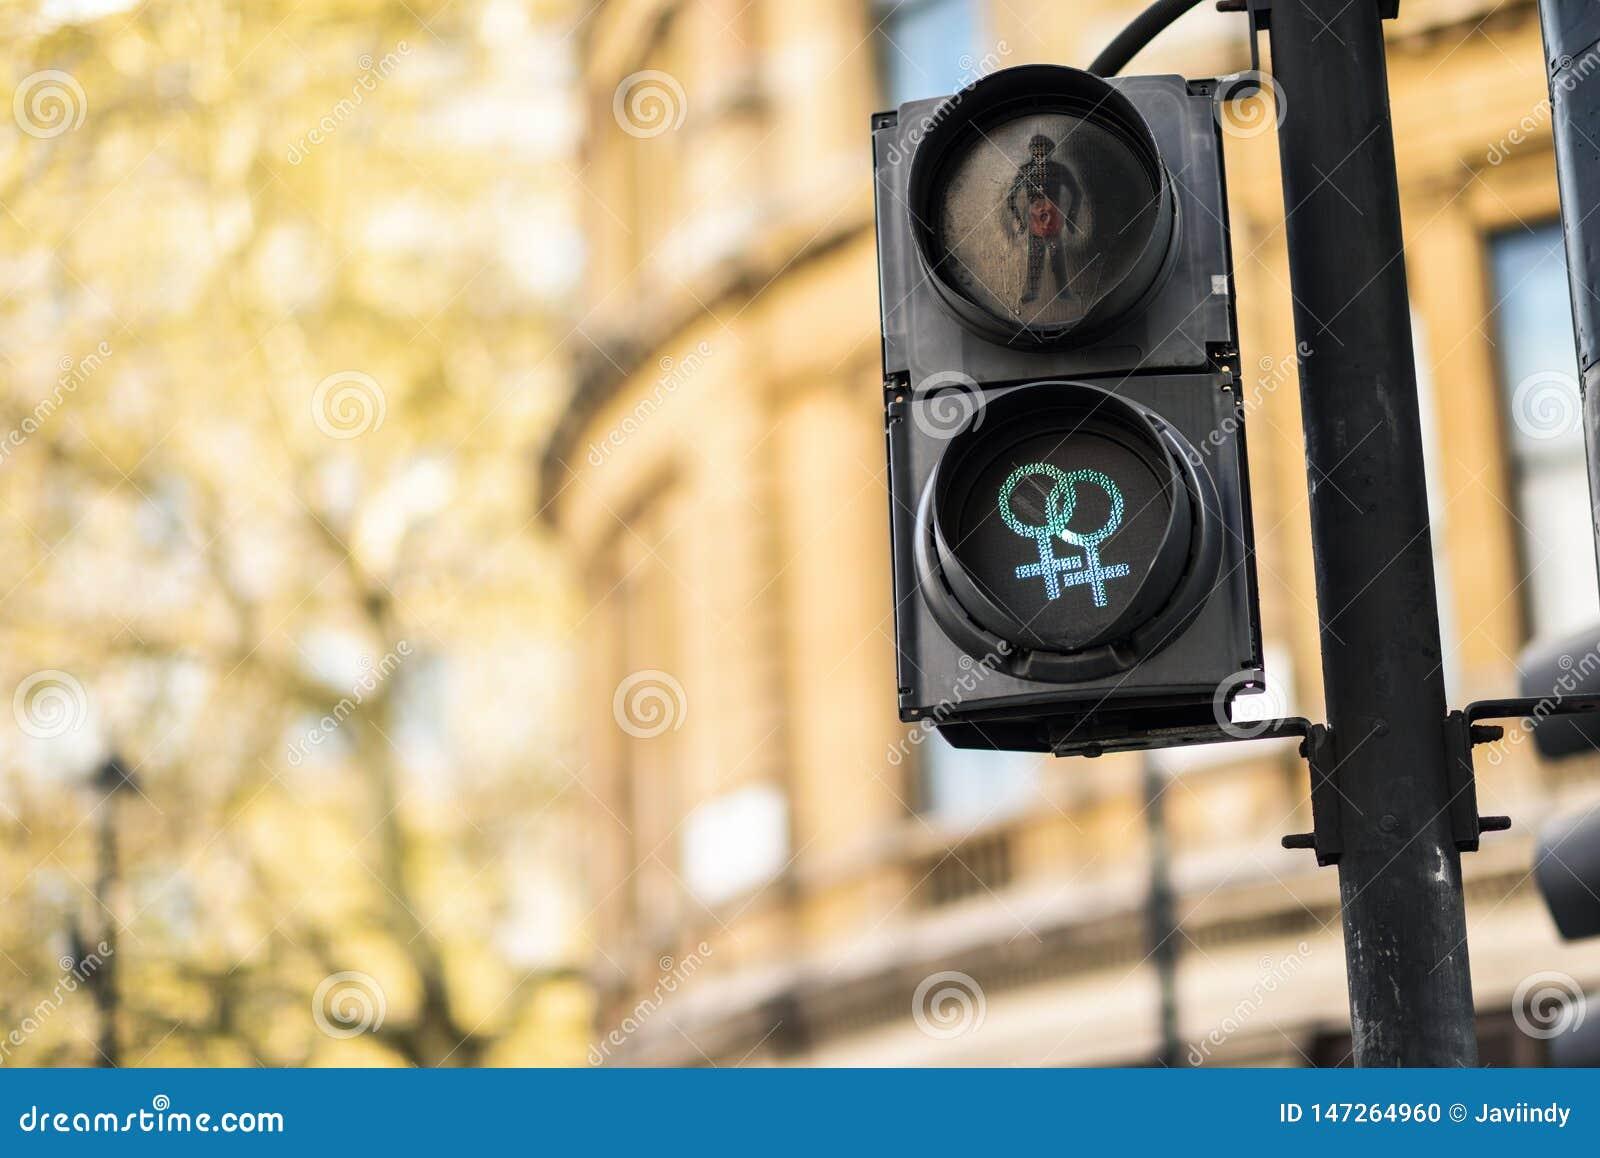 Signaux de feu de signalisation piétonnière de LGBT symbolisant l égalité, la diversité et la tolérance